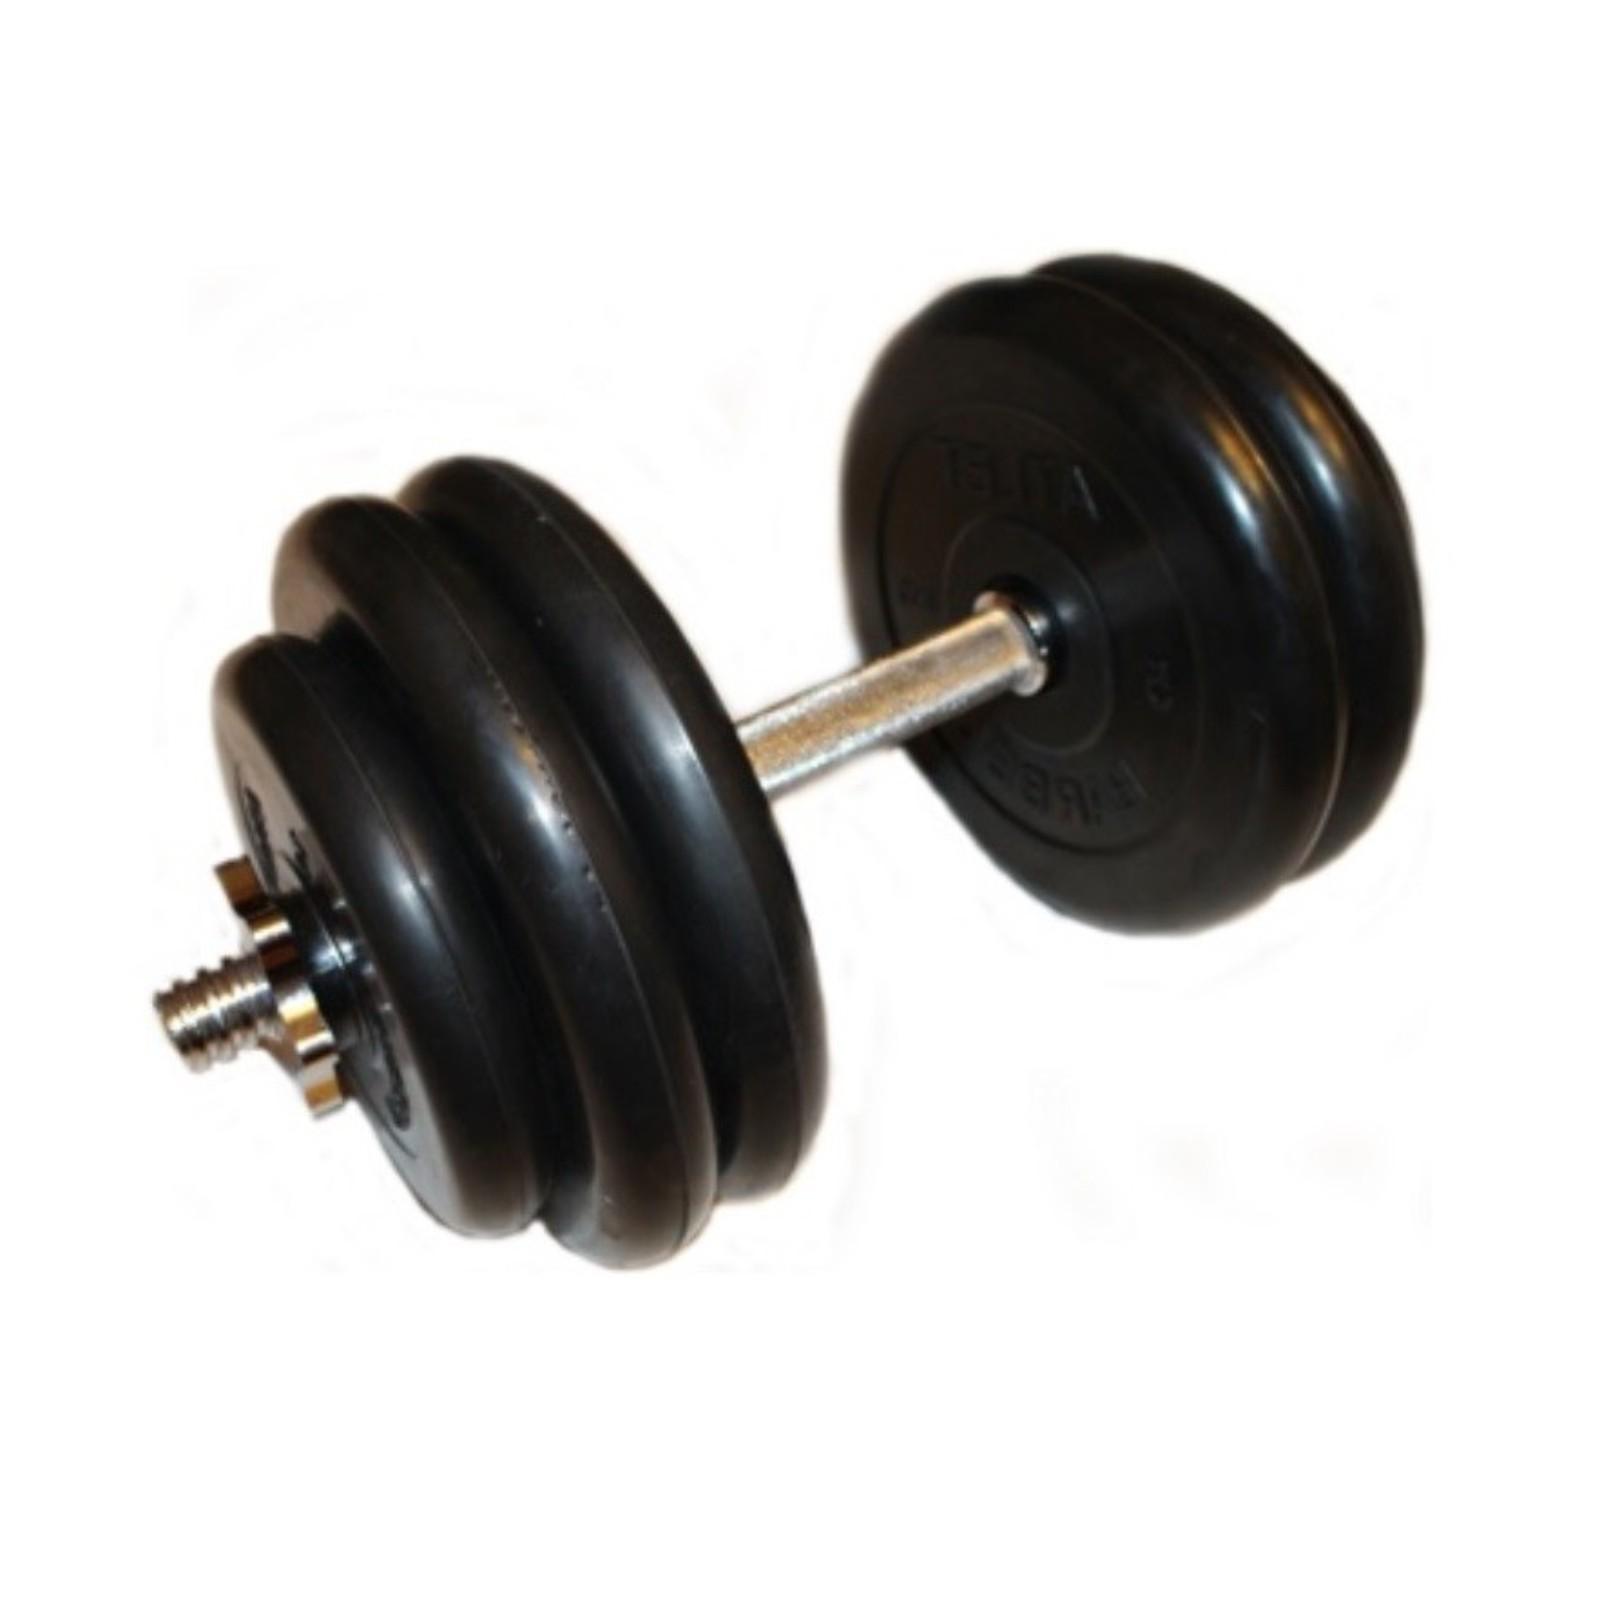 Гантель MB BARBELL Atlet, разборная, хромированный гриф, 27.5 кг, 1 шт ворота м ф 2х3м переносные разборные алюминиевые atlet imp a314 пара